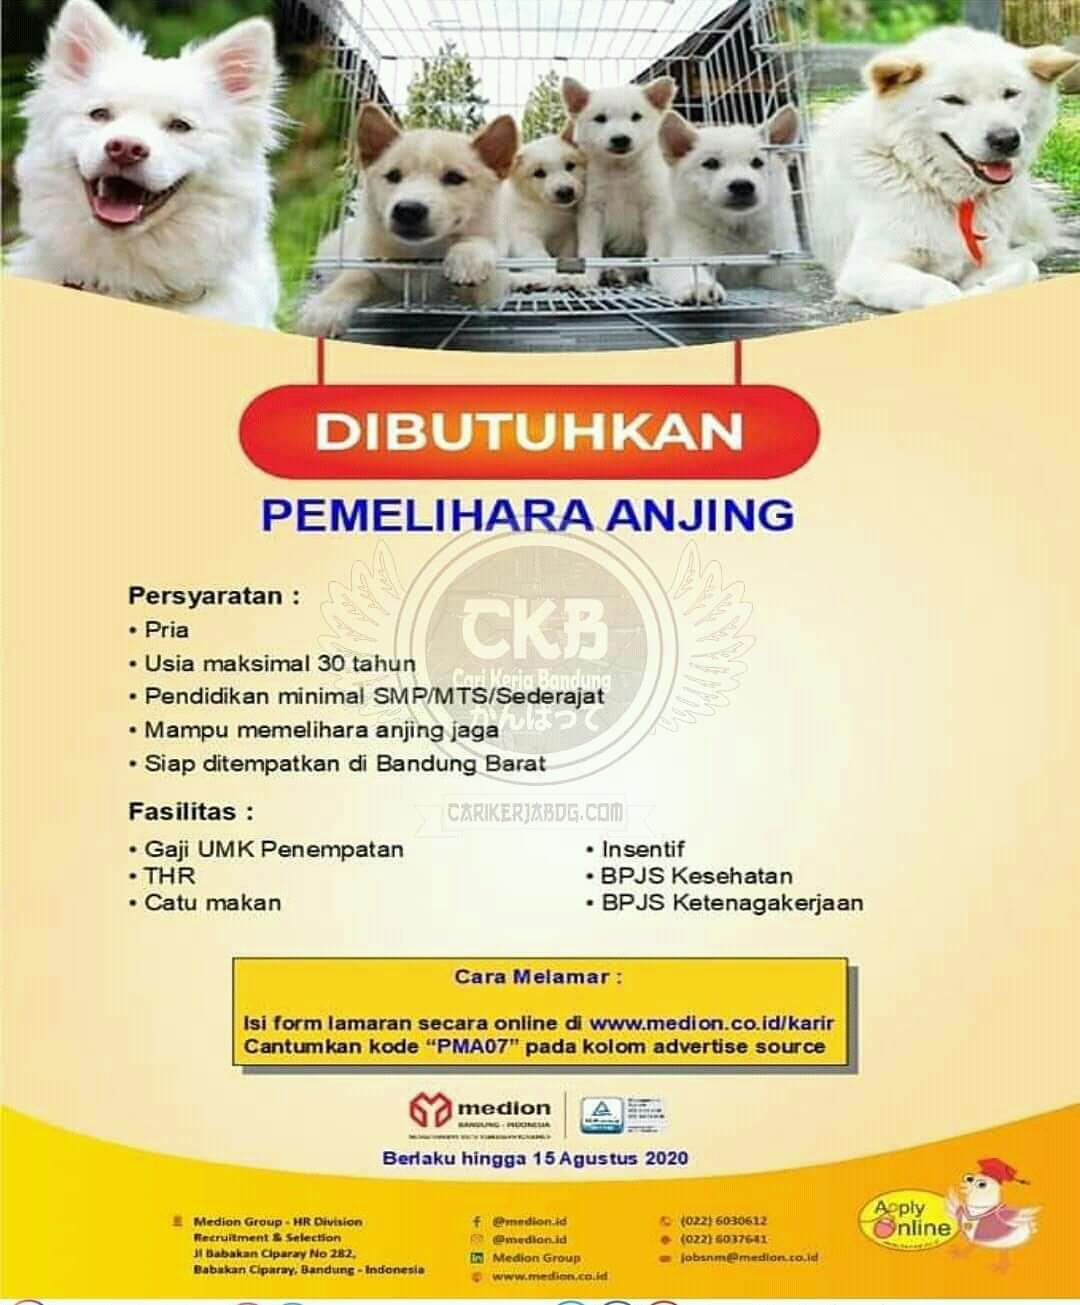 Lowongan Kerja Pemelihara Anjing di Bandung 2020